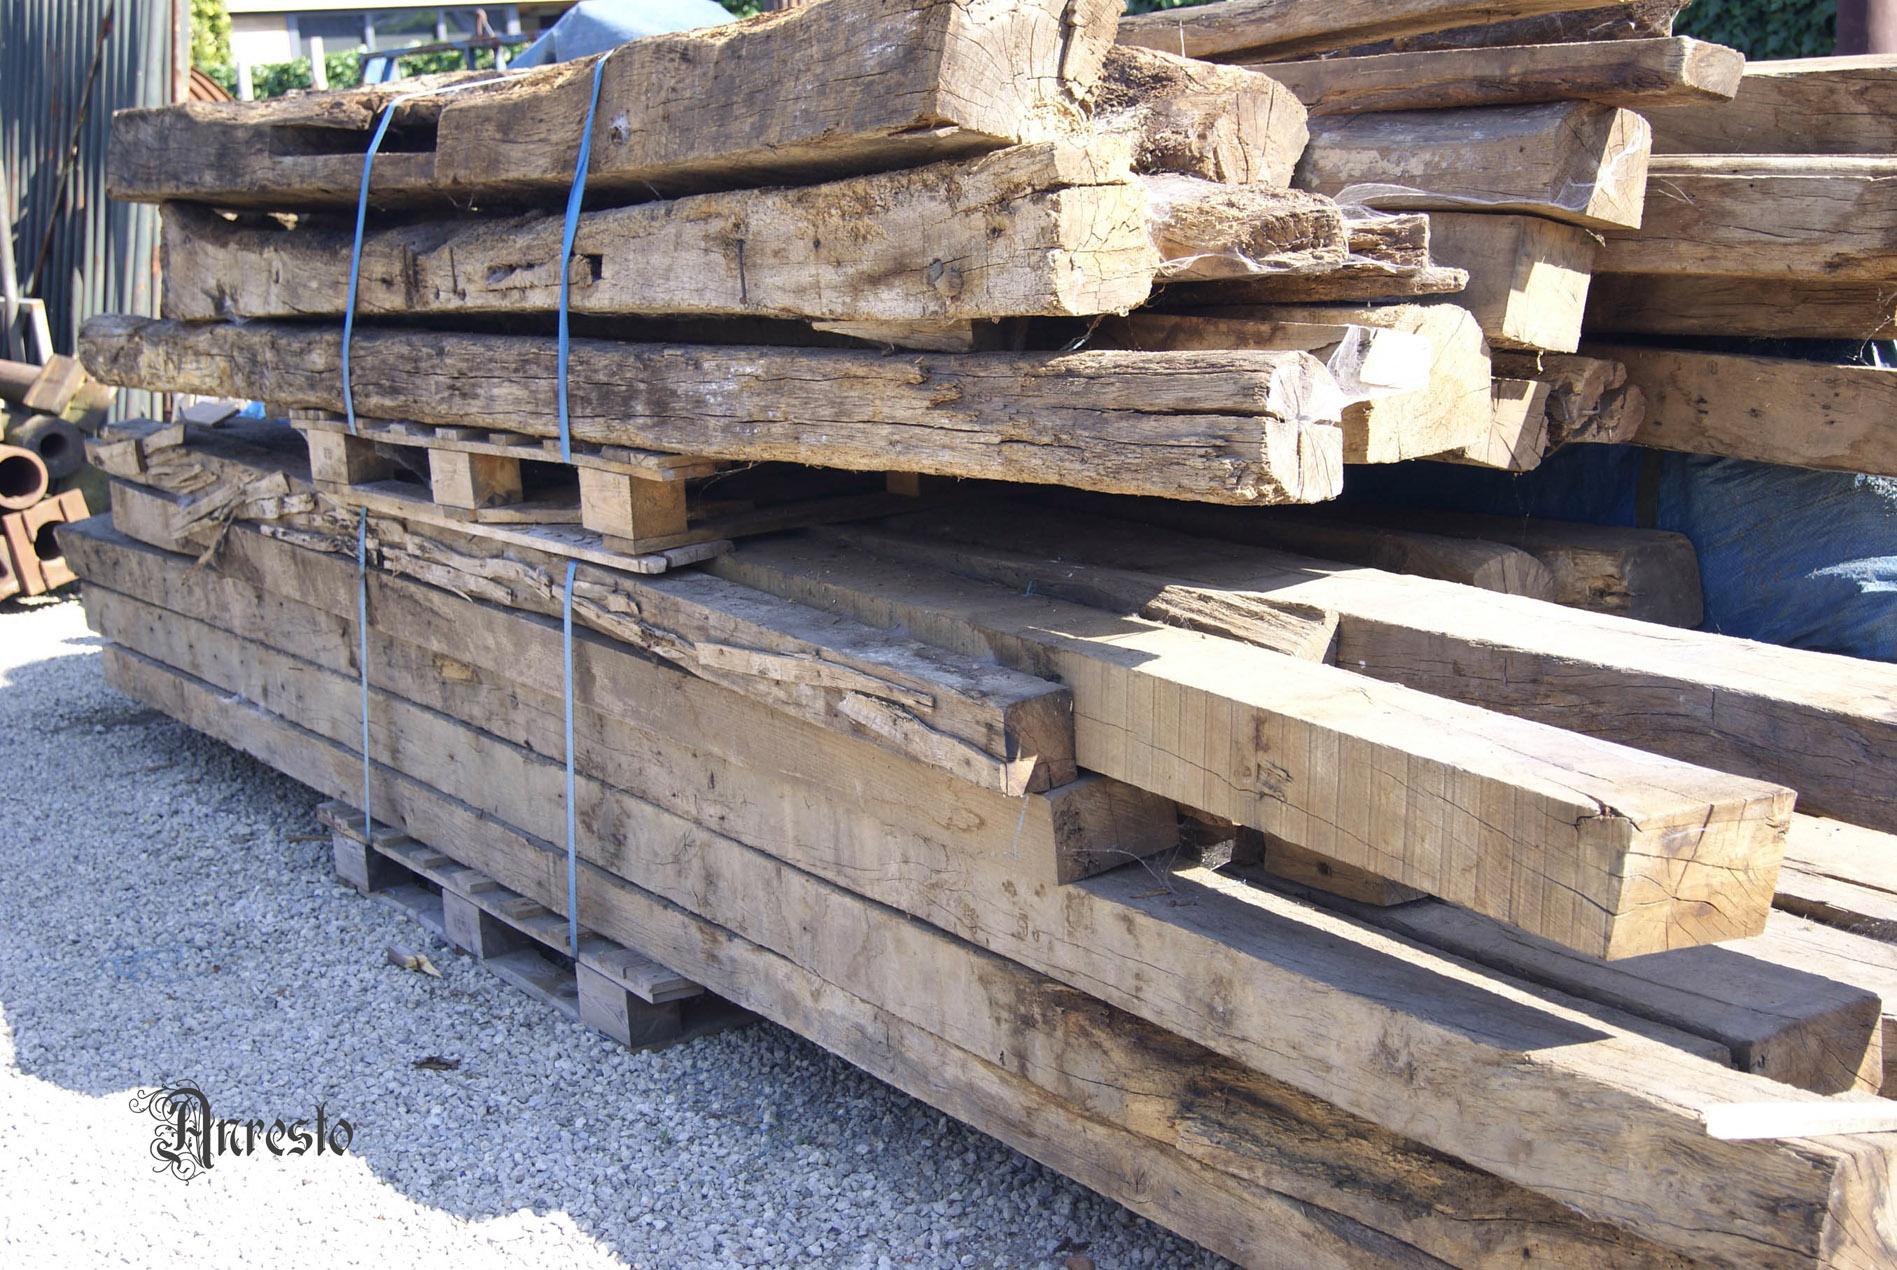 Ref. 05 – Antieke bouwmaterialen, eiken balken, oude bouwmaterialen